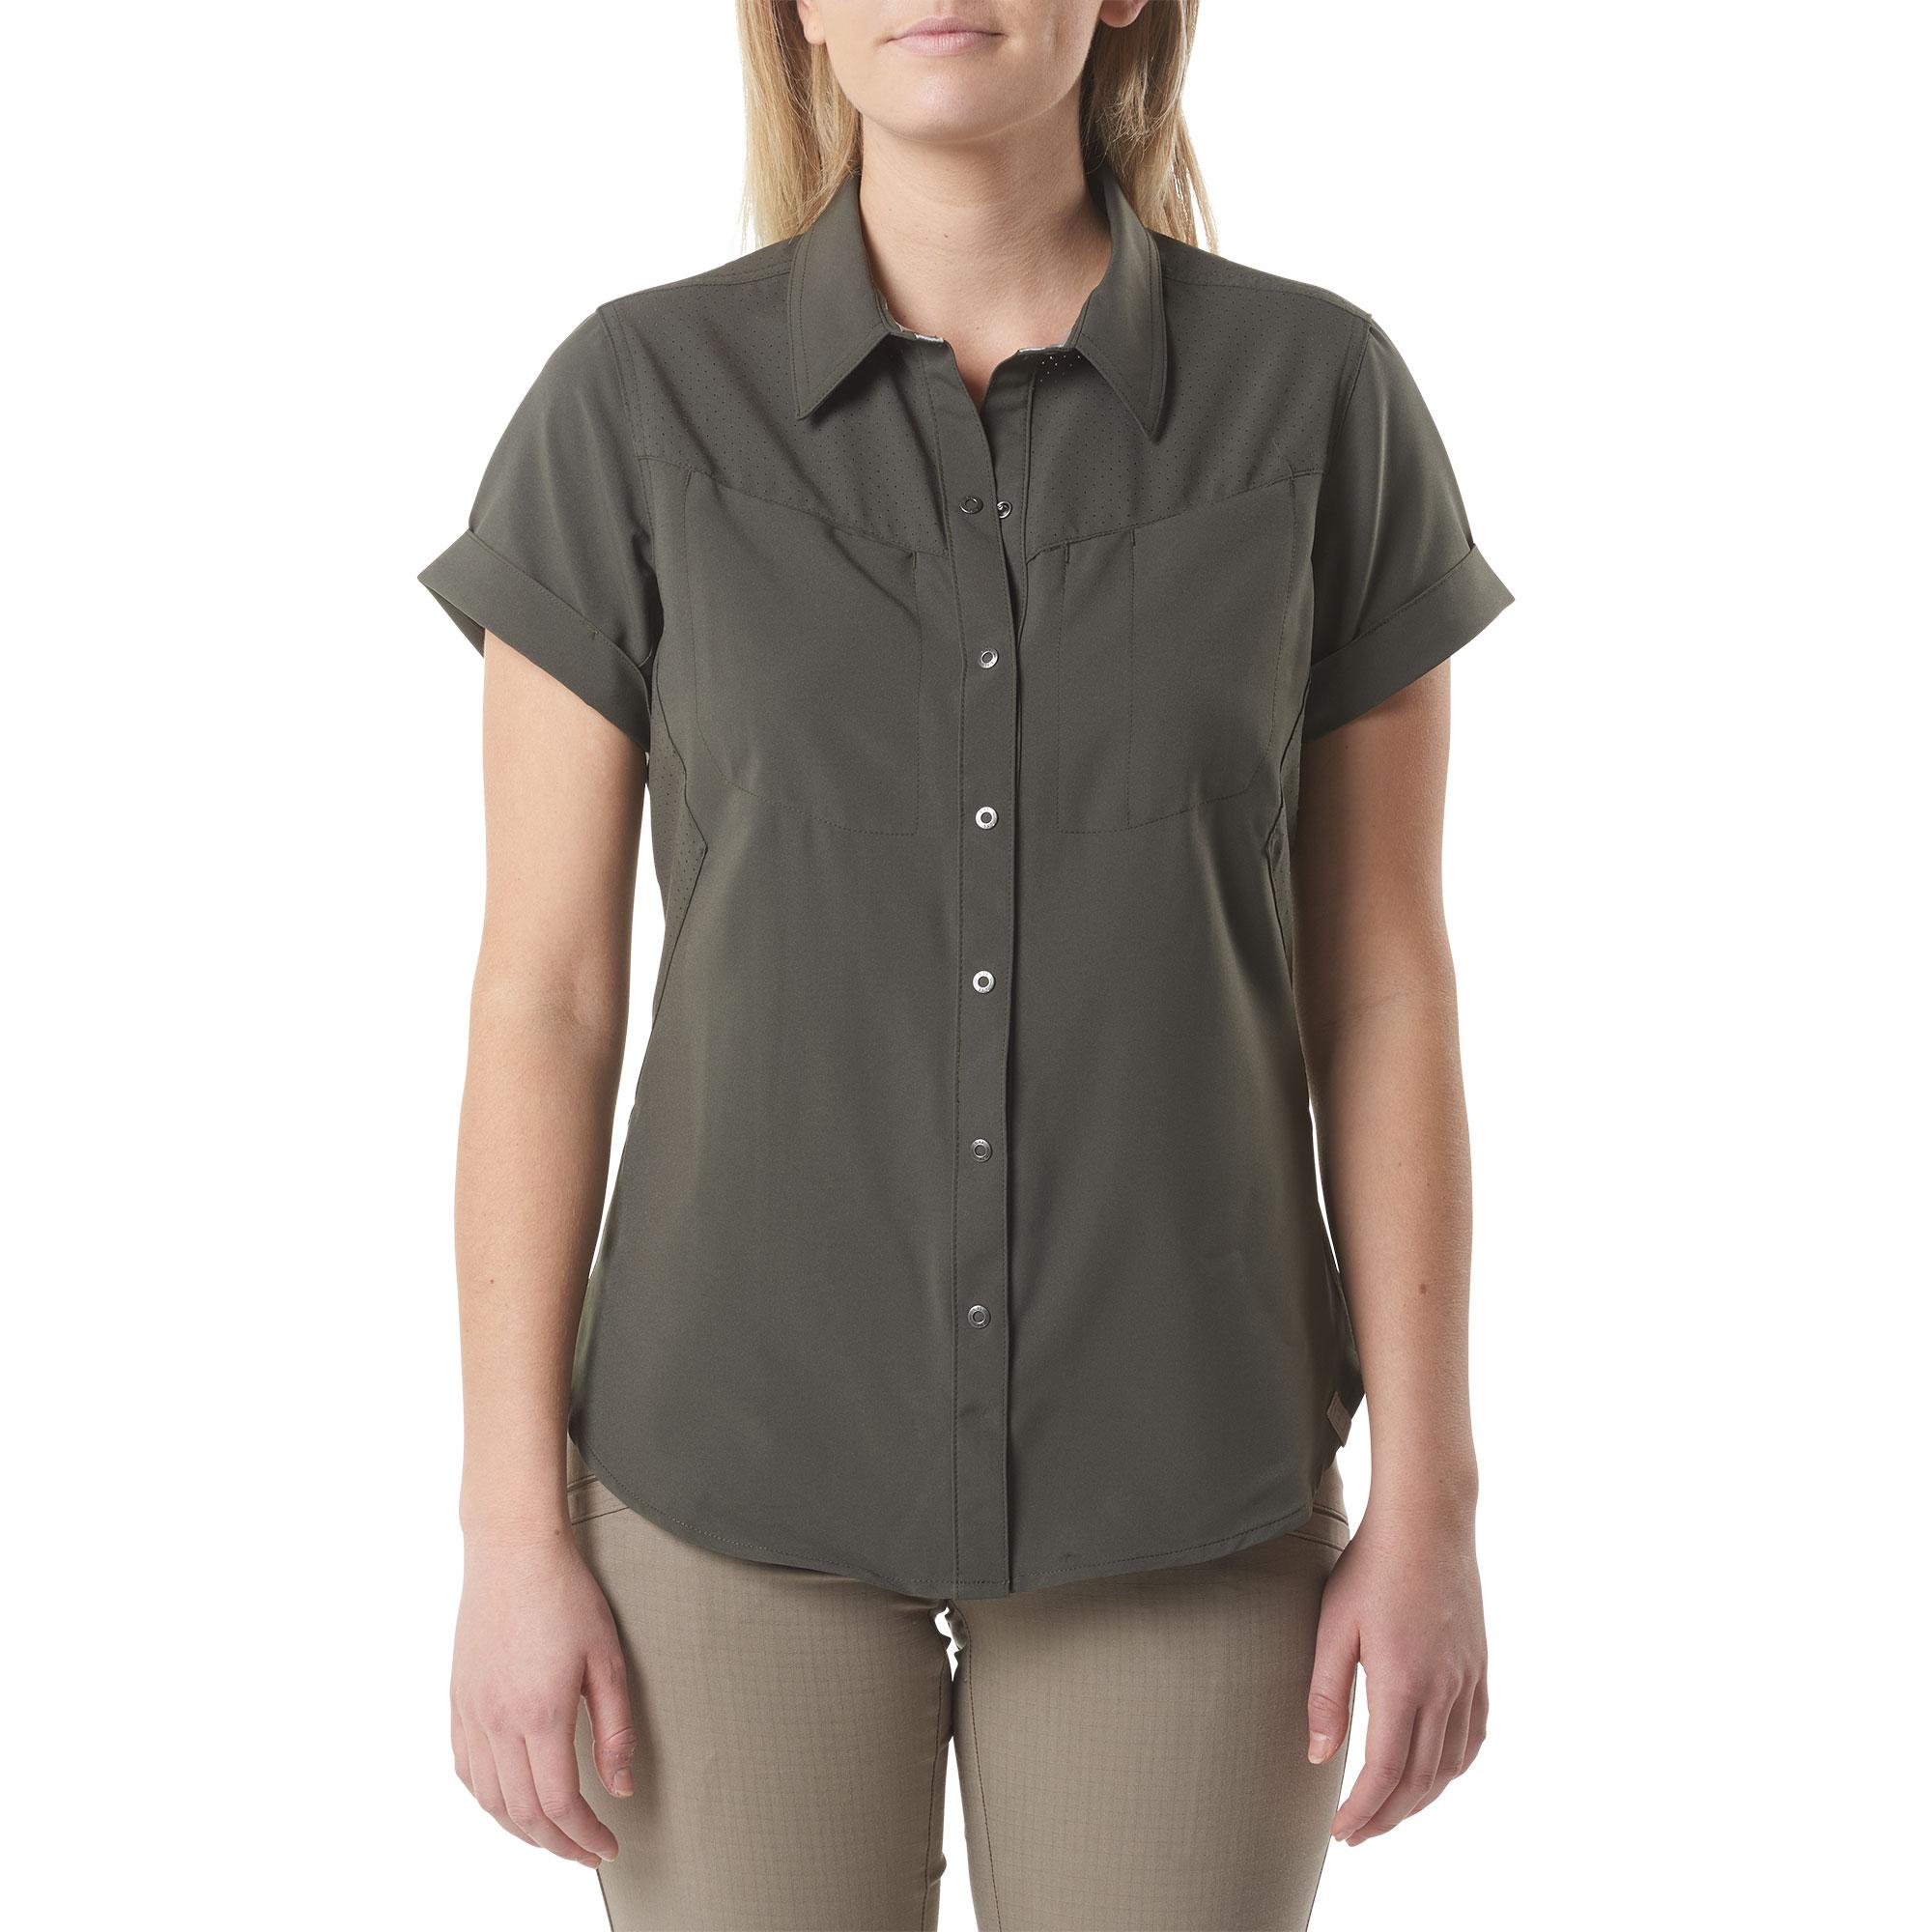 6b045bdd229 5.11 Tactical Womens Freedom Flex Woven Short Sleeve Shirt-5.11 Tactical